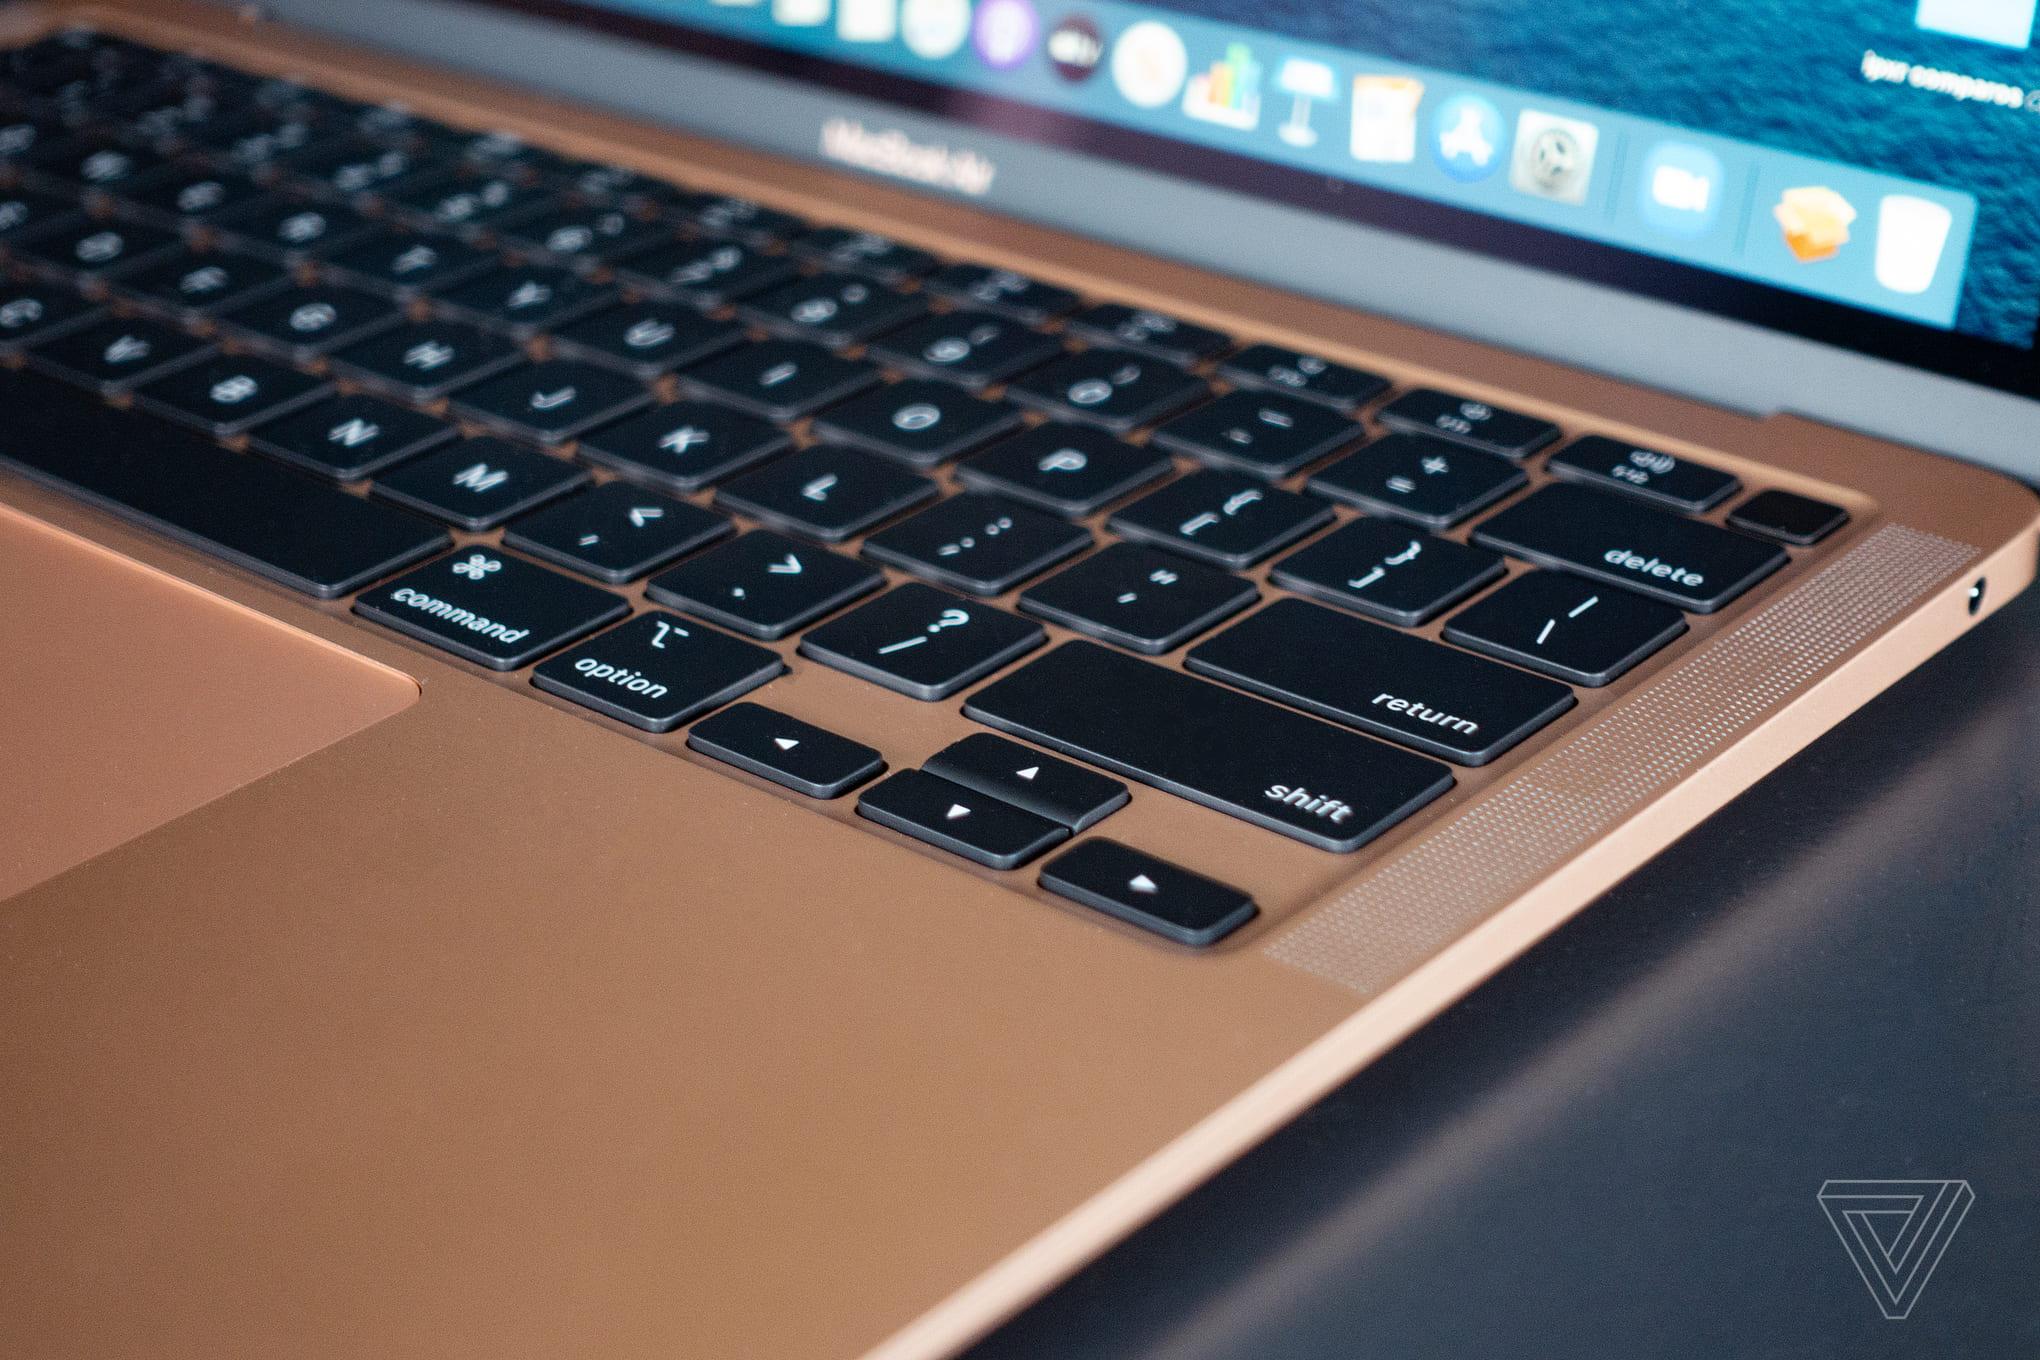 Mua MacBook: Hãy hiểu rõ cấu hình 20611610